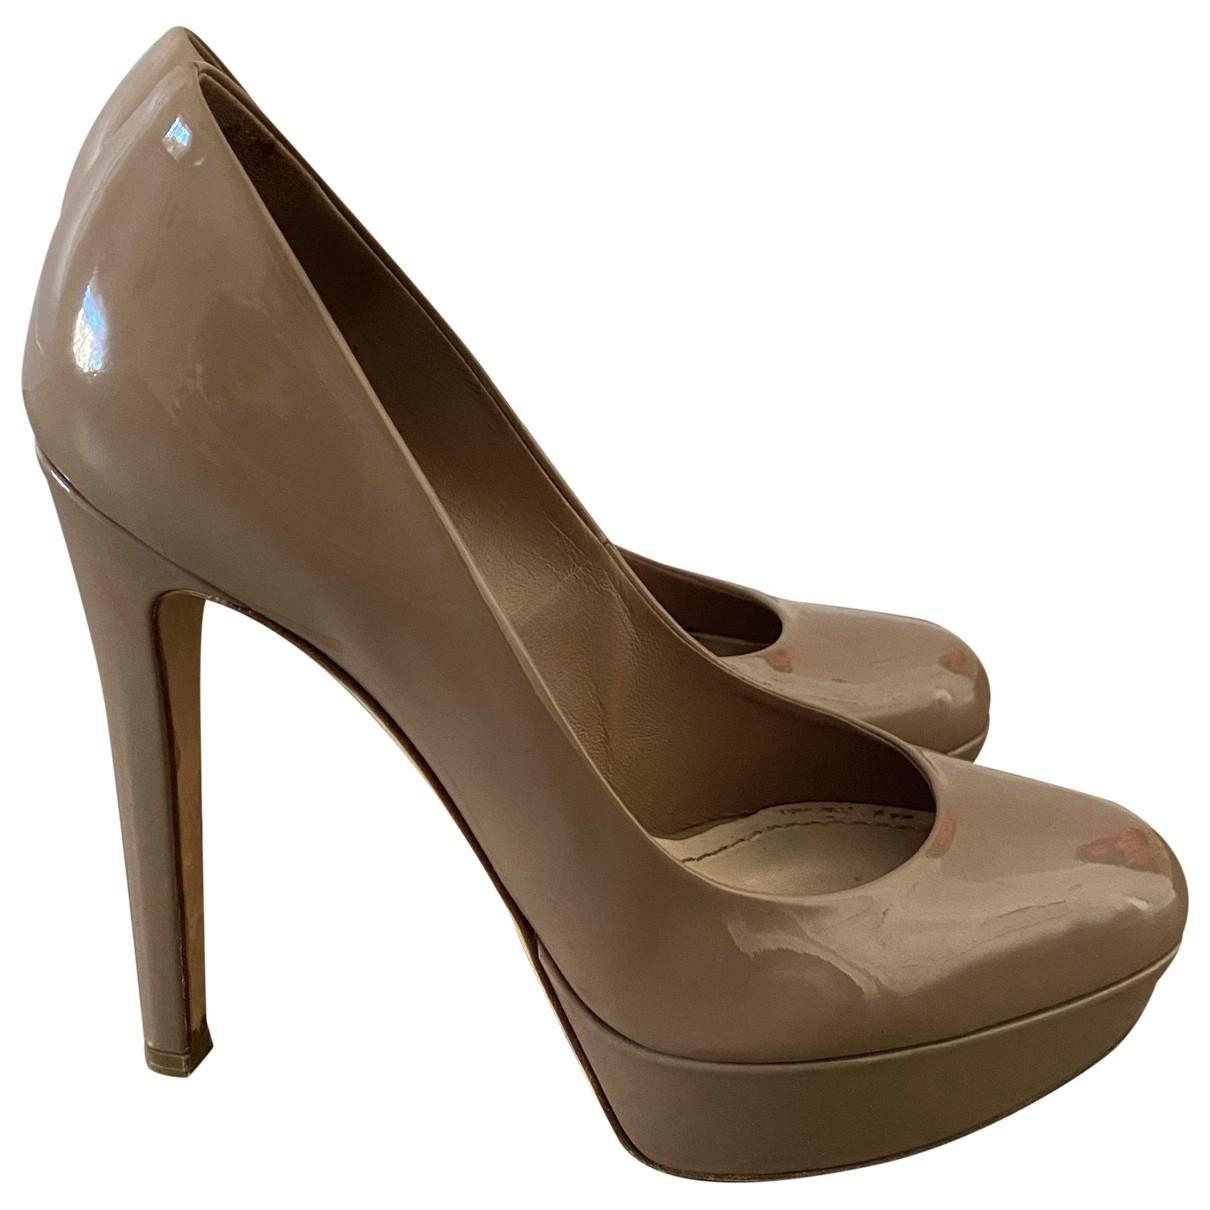 Christian Dior - Escarpins   pour femme en cuir verni - beige